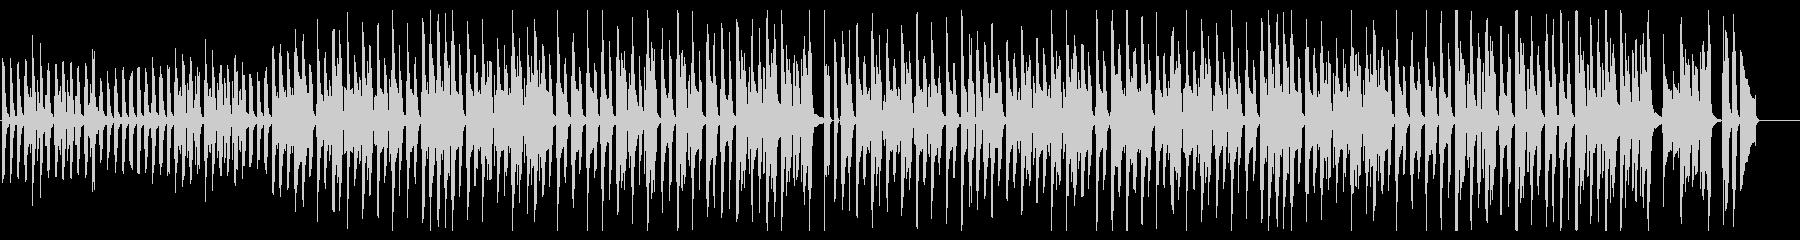 ピアノメイン/かわいい/シンプル/ポップの未再生の波形